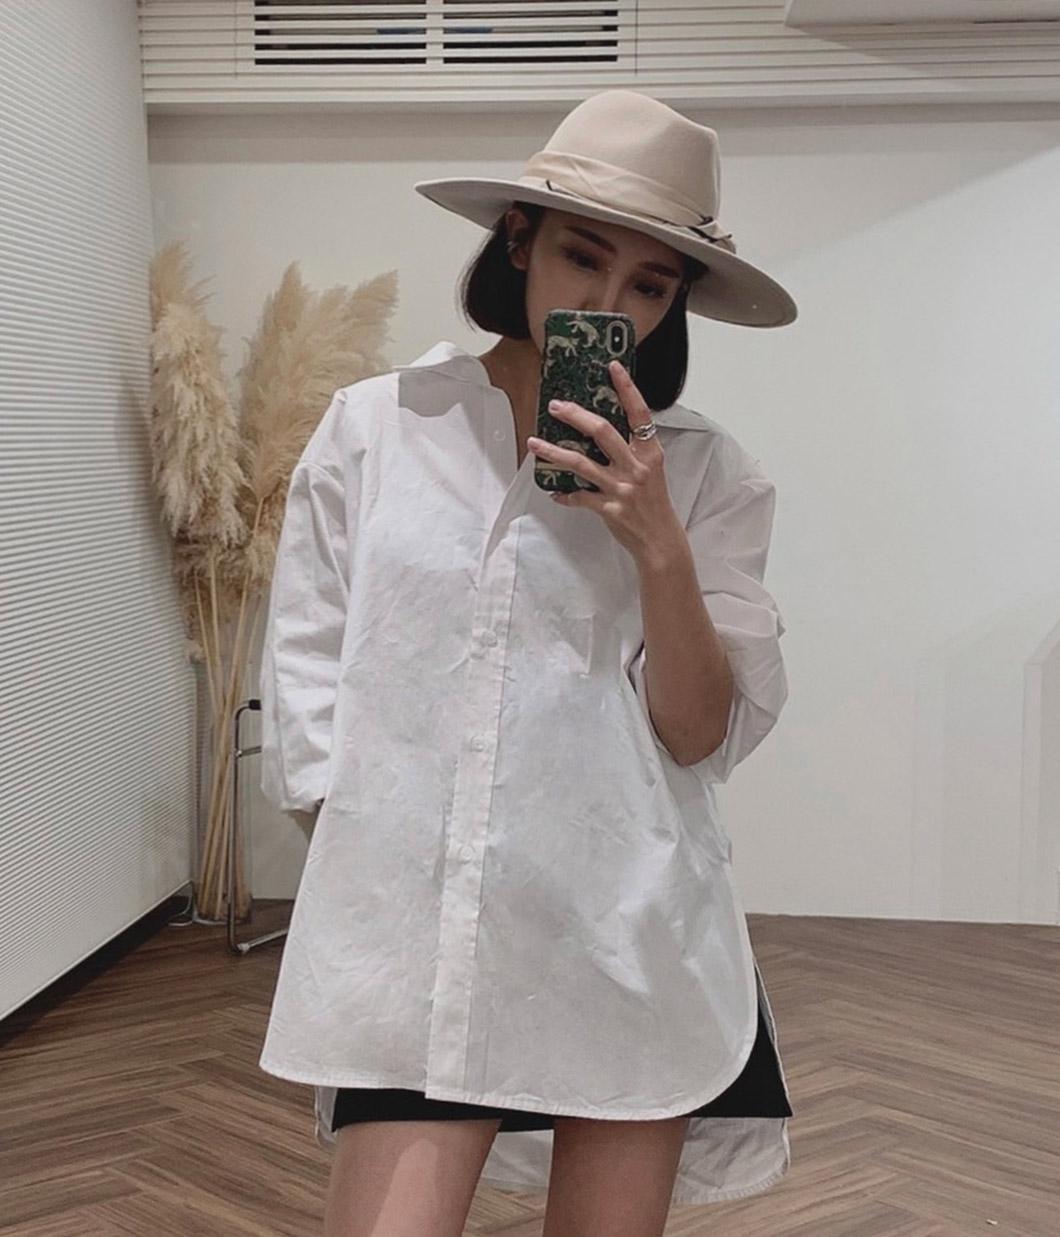 37.衣櫃首選!側開衩挺料白襯衫